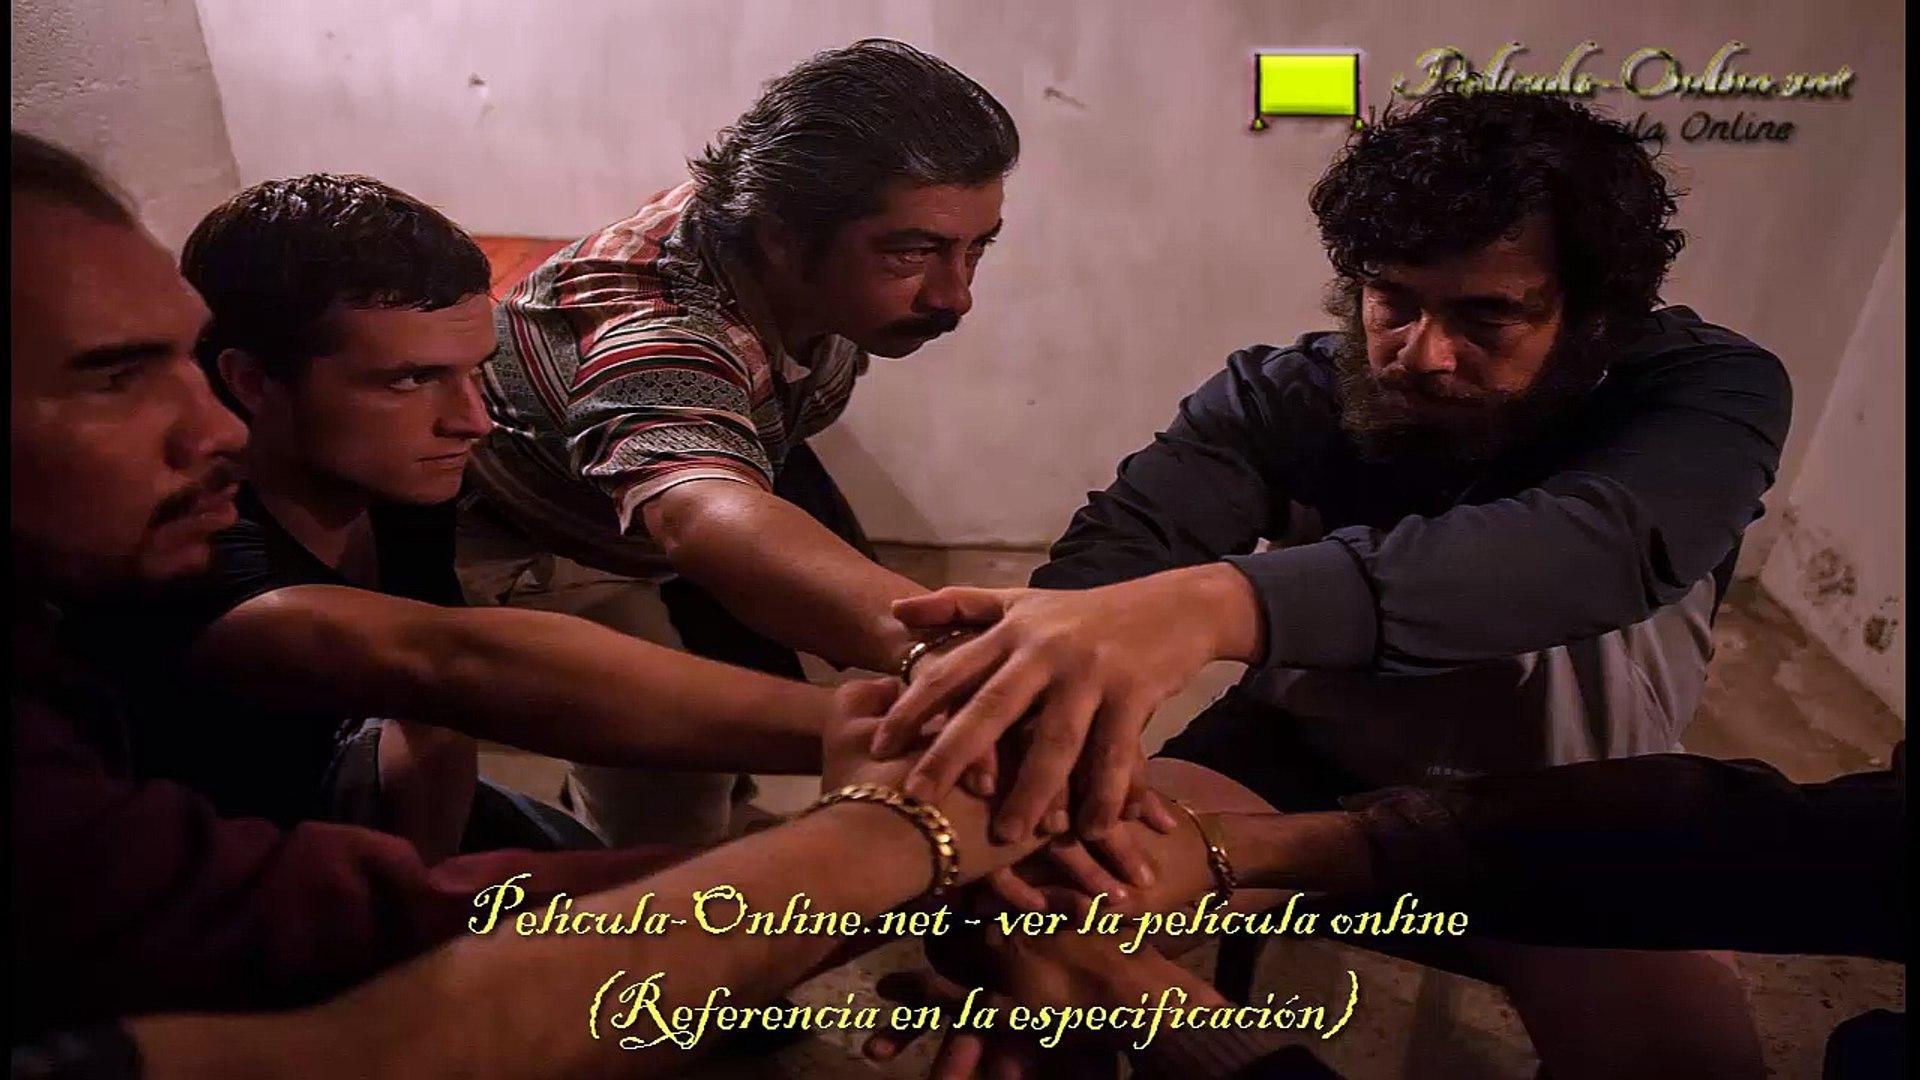 Escobar Paraíso Perdido Completas Películas En Línea Ver Streaming Gratis видео Dailymotion